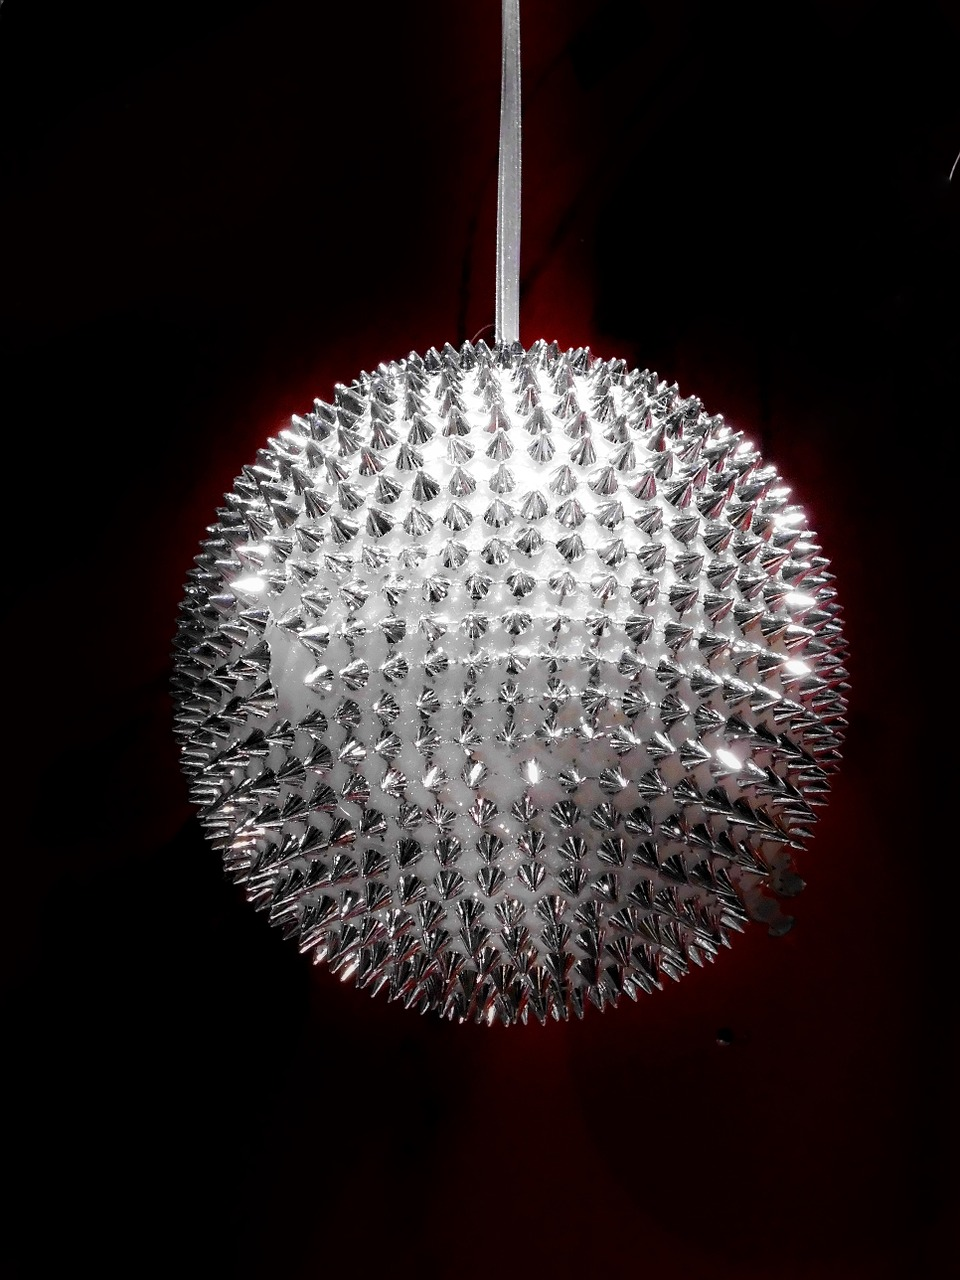 esfera de cristal, plata, decoración navideña